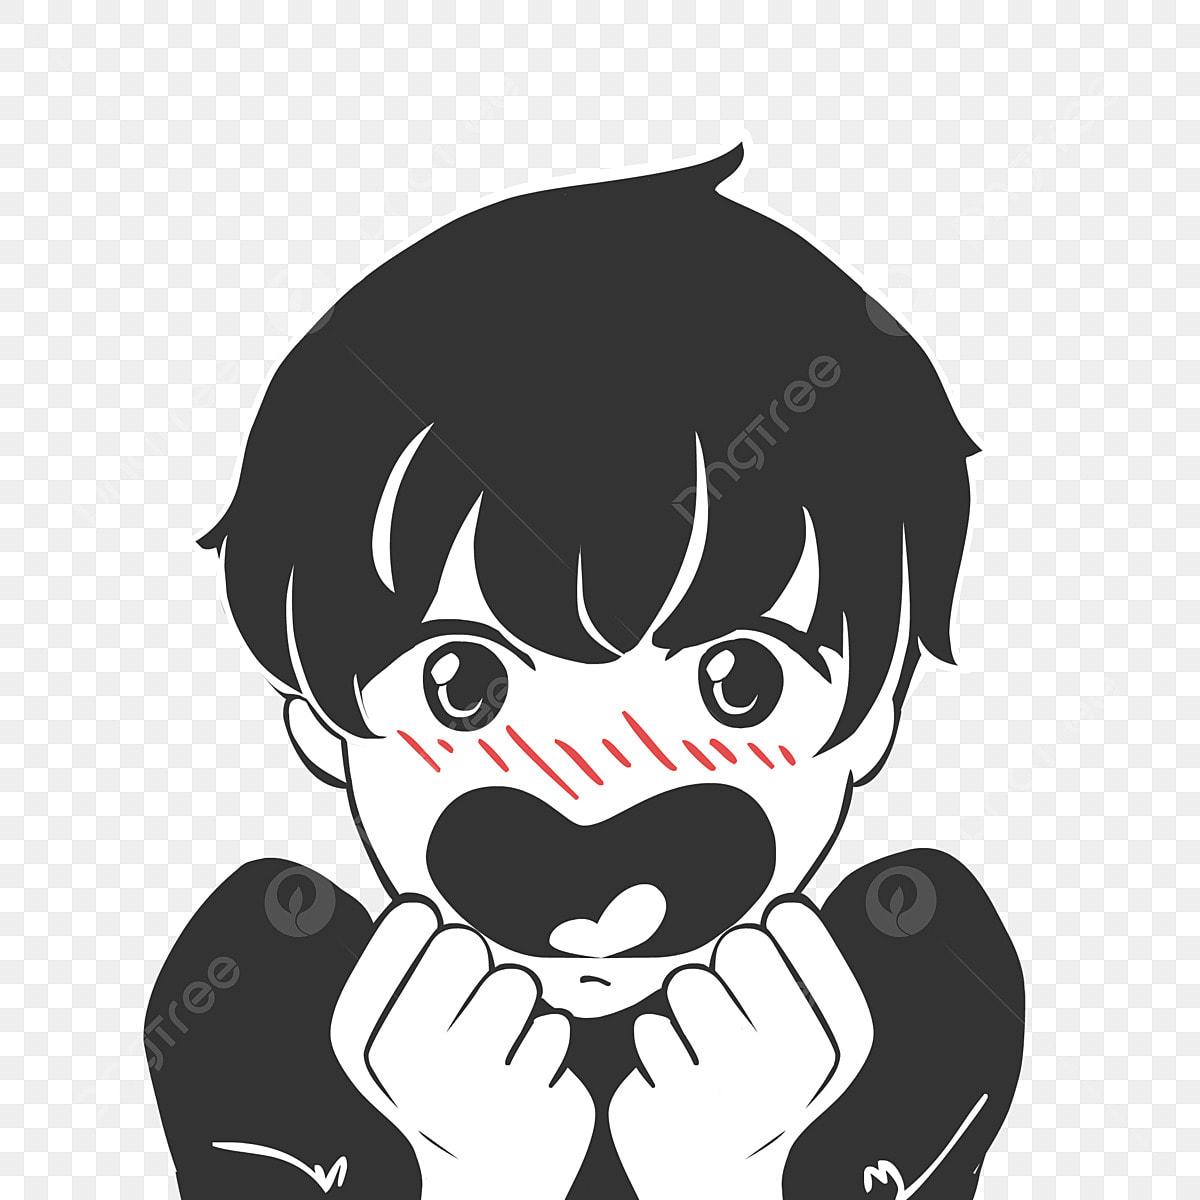 Gambar Kartun Tangan Ditarik Gaya Komik Versi Q Hitam Anime Gaya Komik Png Dan Psd Untuk Muat Turun Percuma